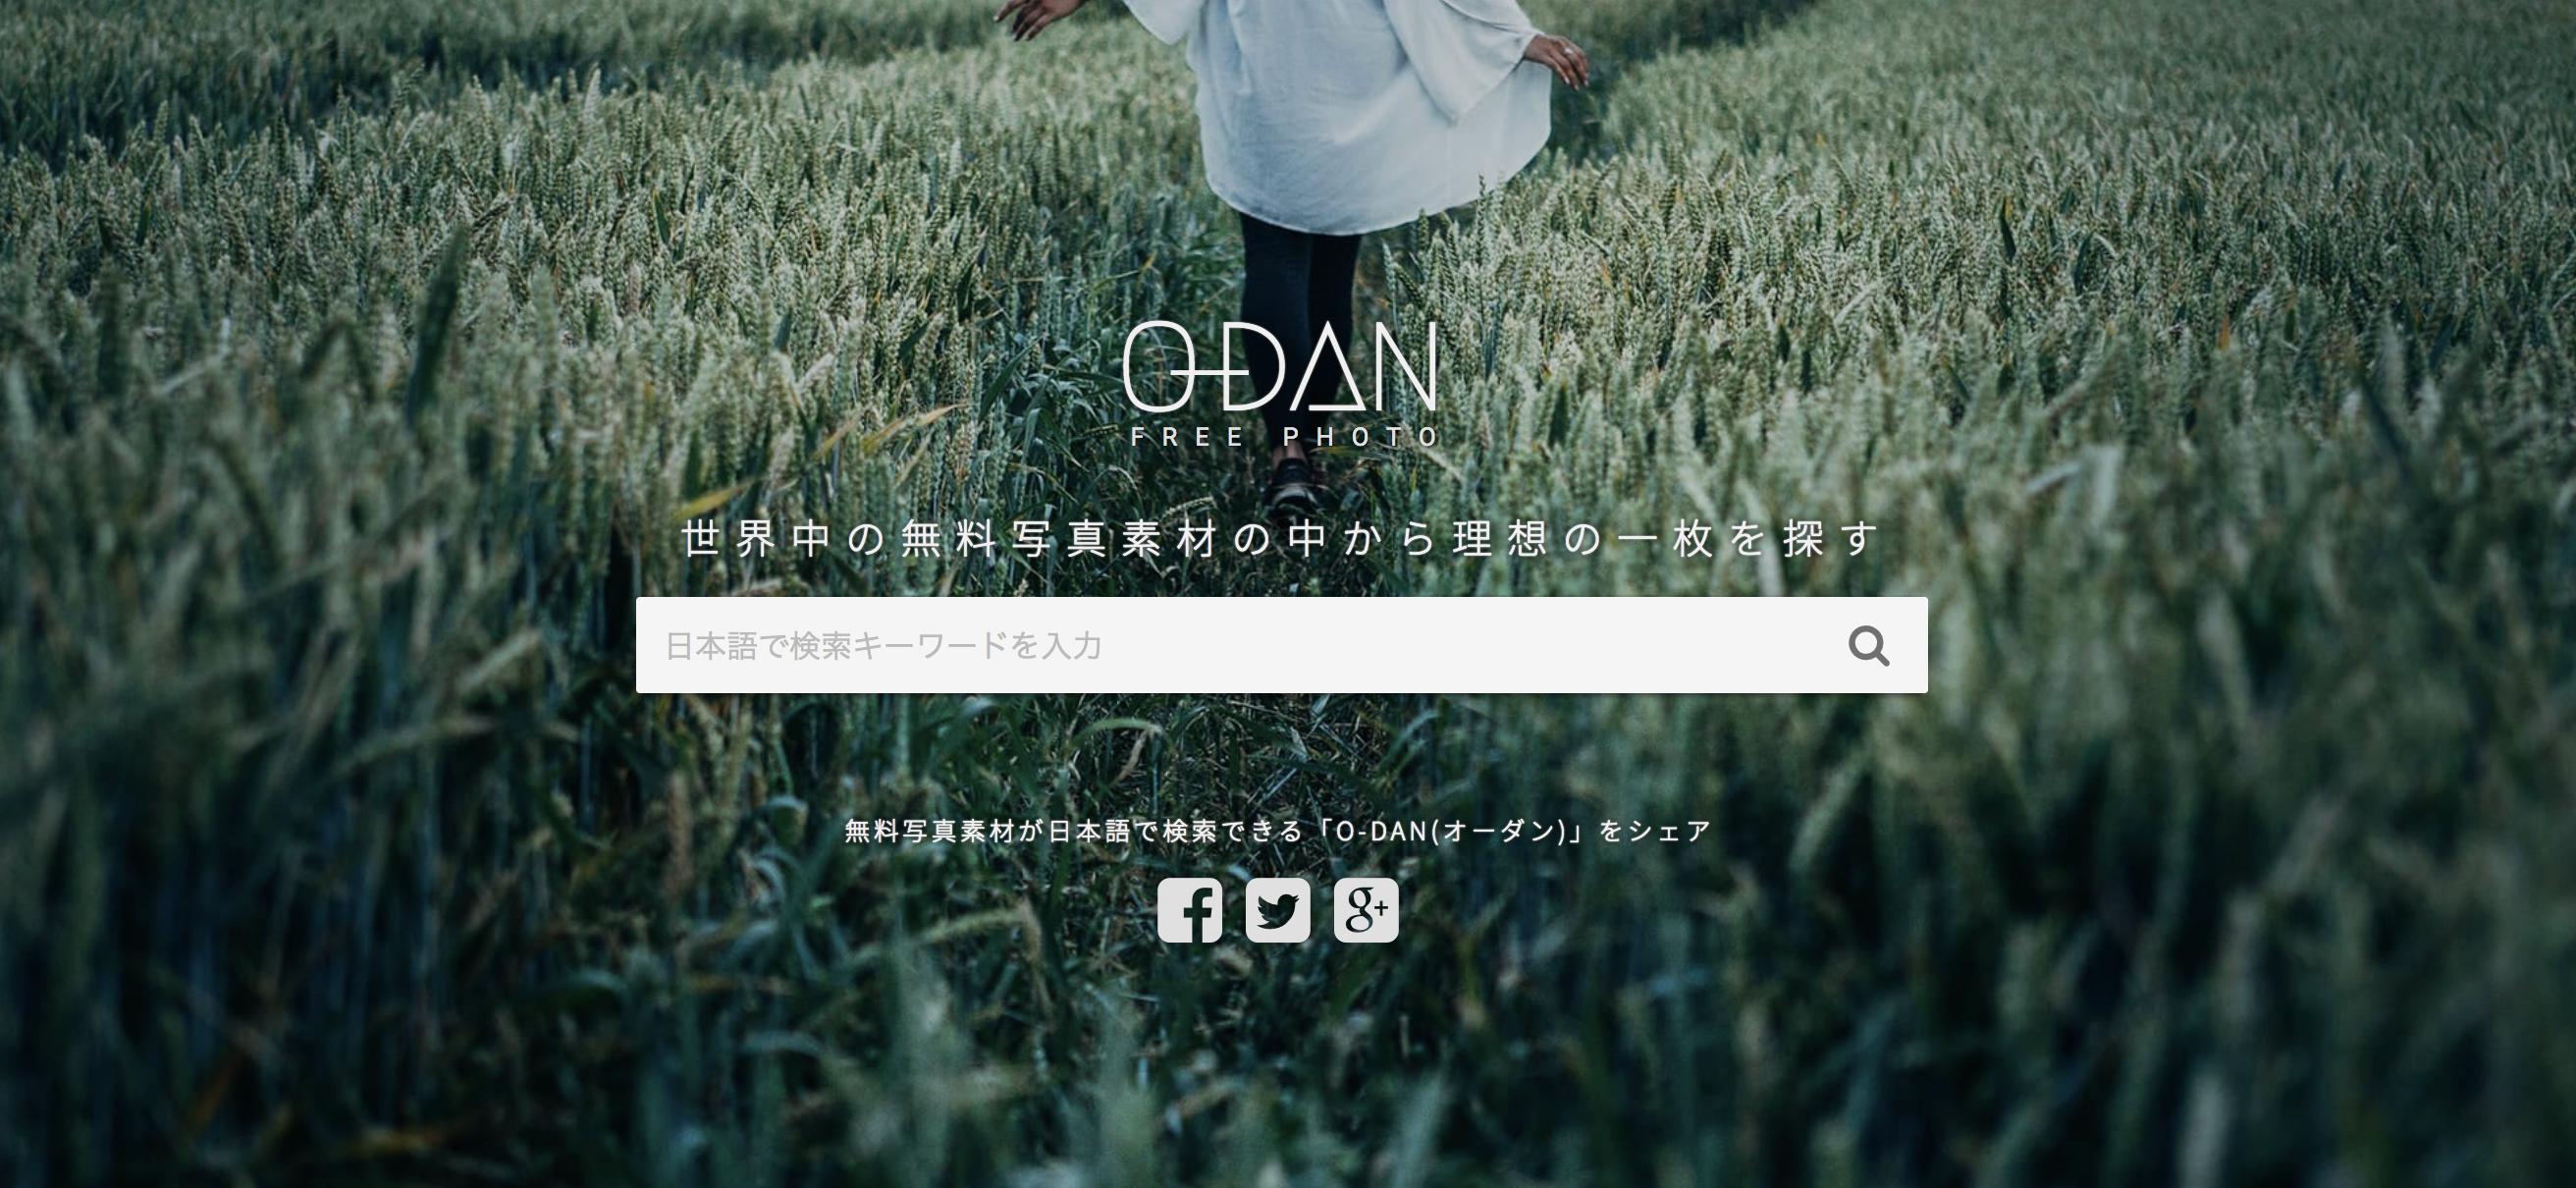 アフィリエイト フリー写真素材サイト O-DAN(オーダン)